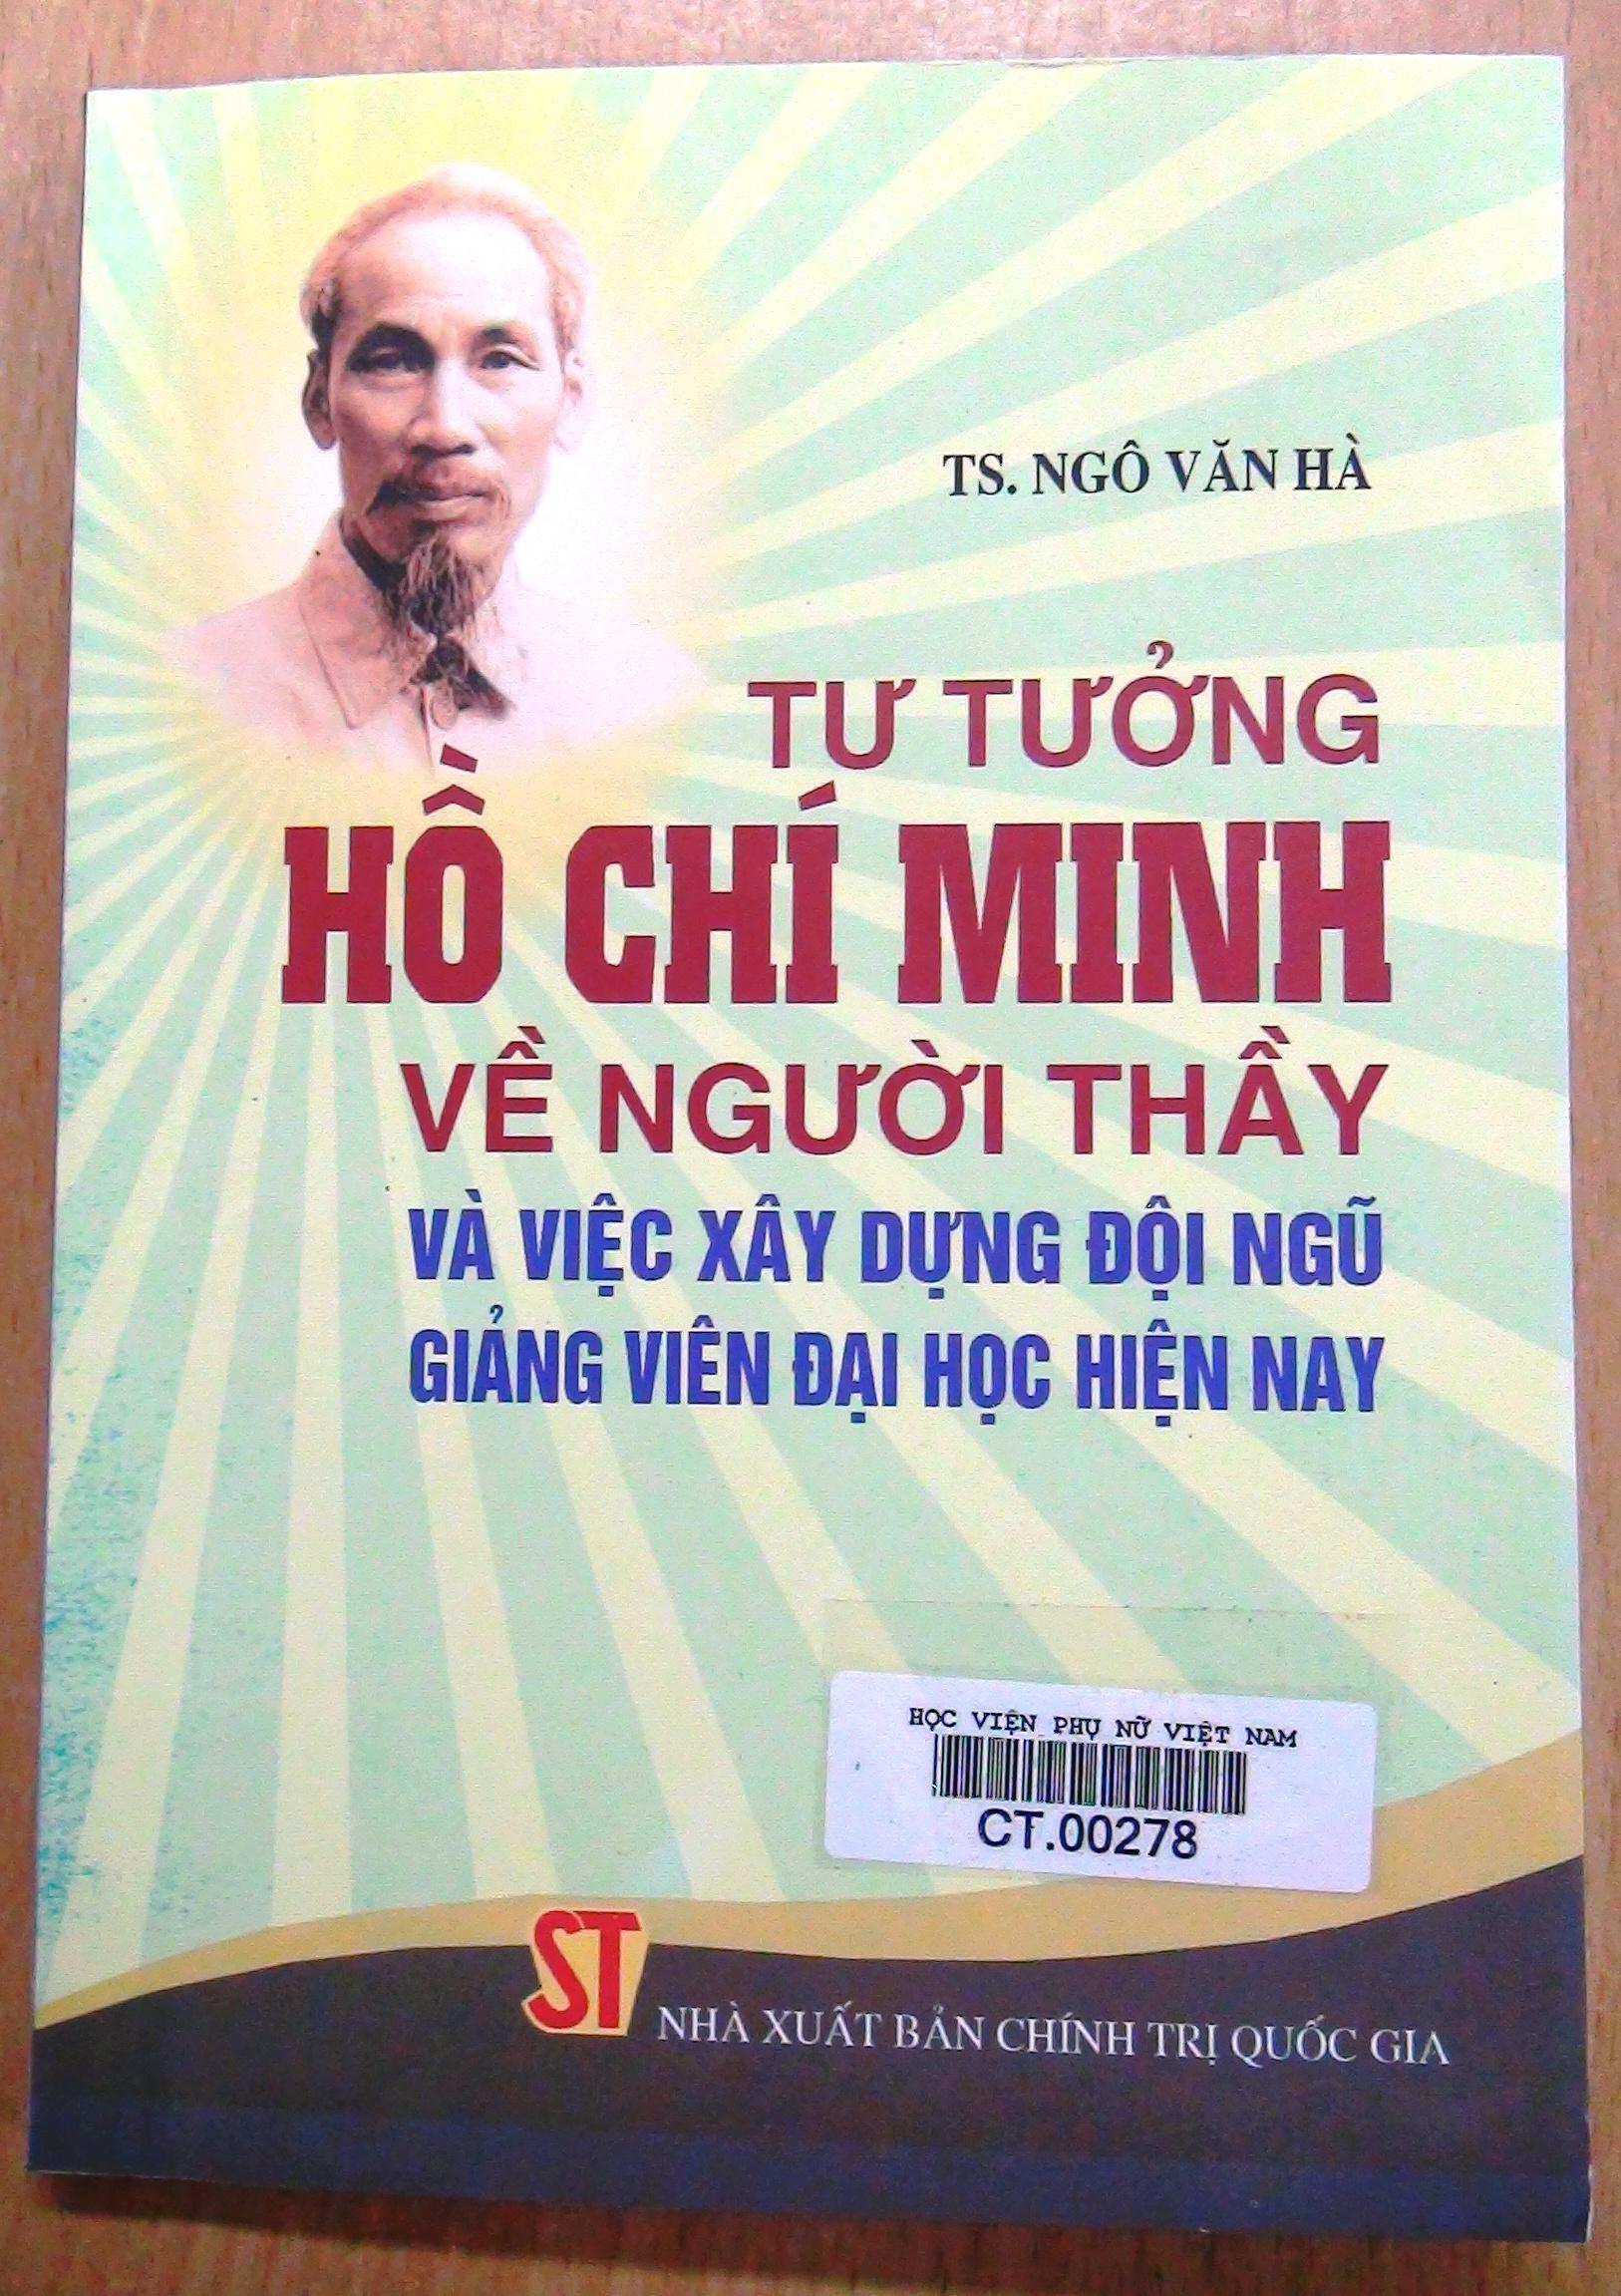 Giới thiệu sách: Tư tưởng Hồ Chí Minh về người thầy